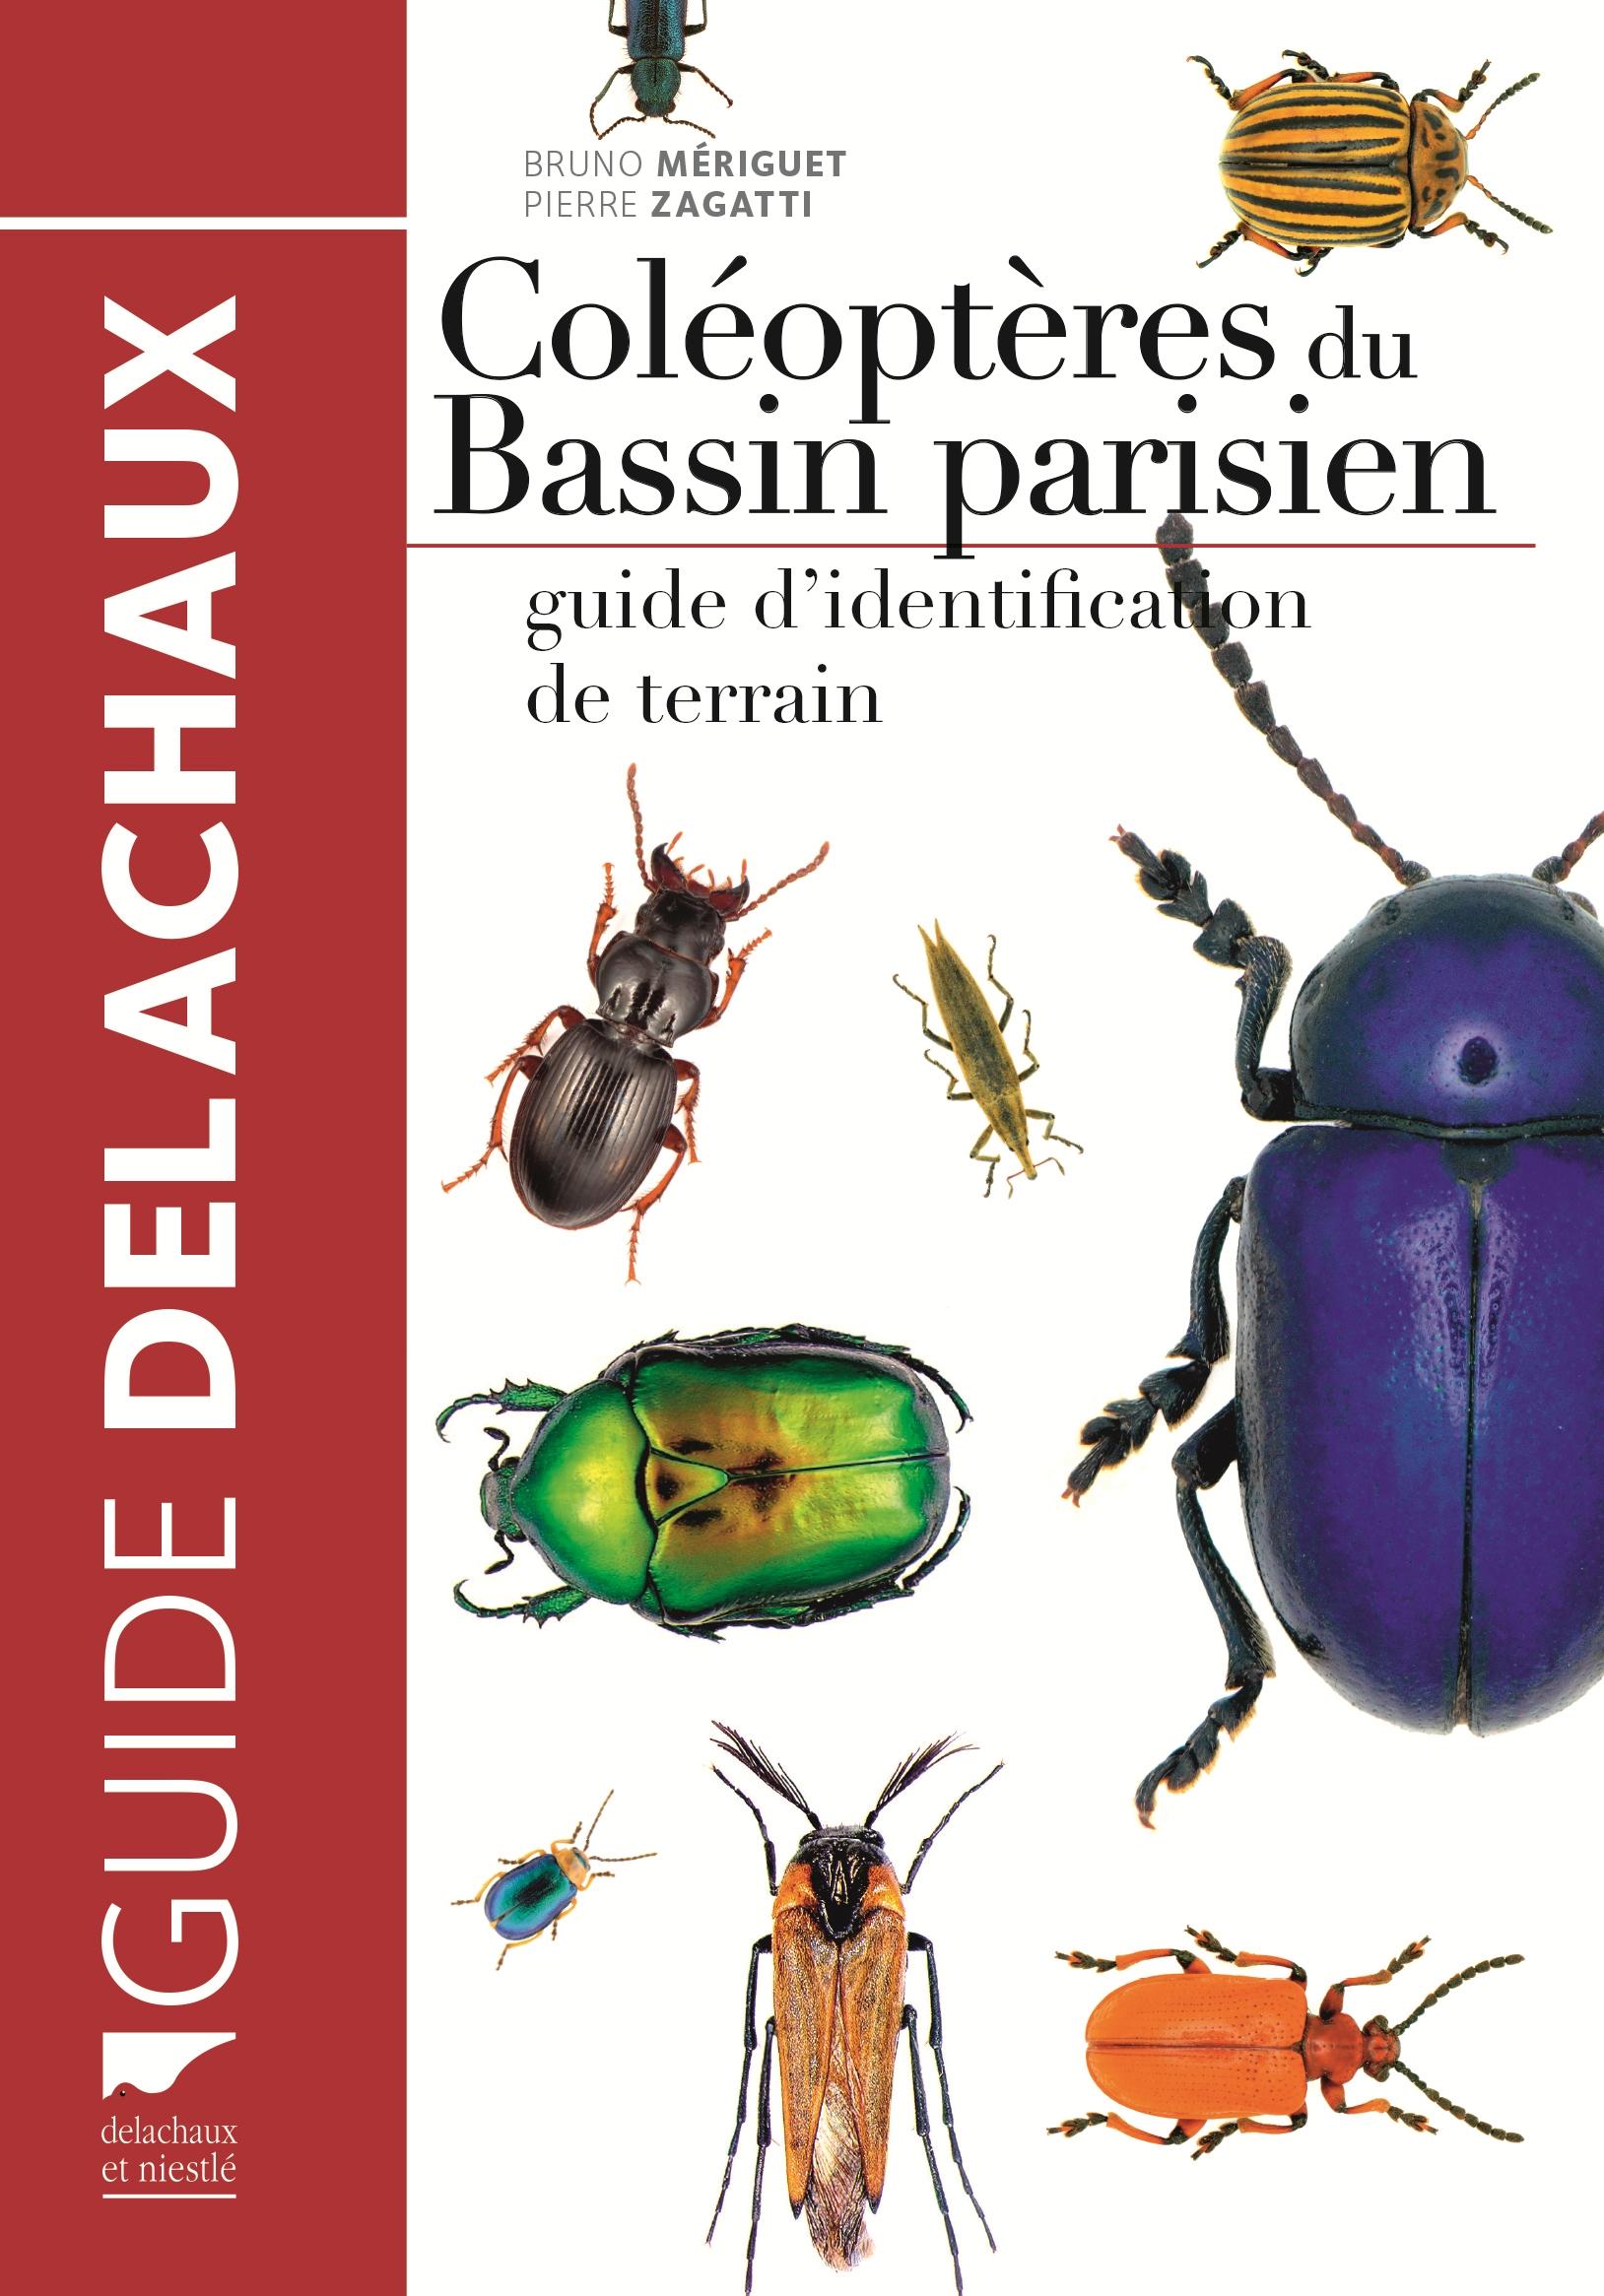 Cover of the book : Beetles of the Paris Basin (Source : B. Meriguet & P. Zagatti, Delachaux&Niestlé-2016)